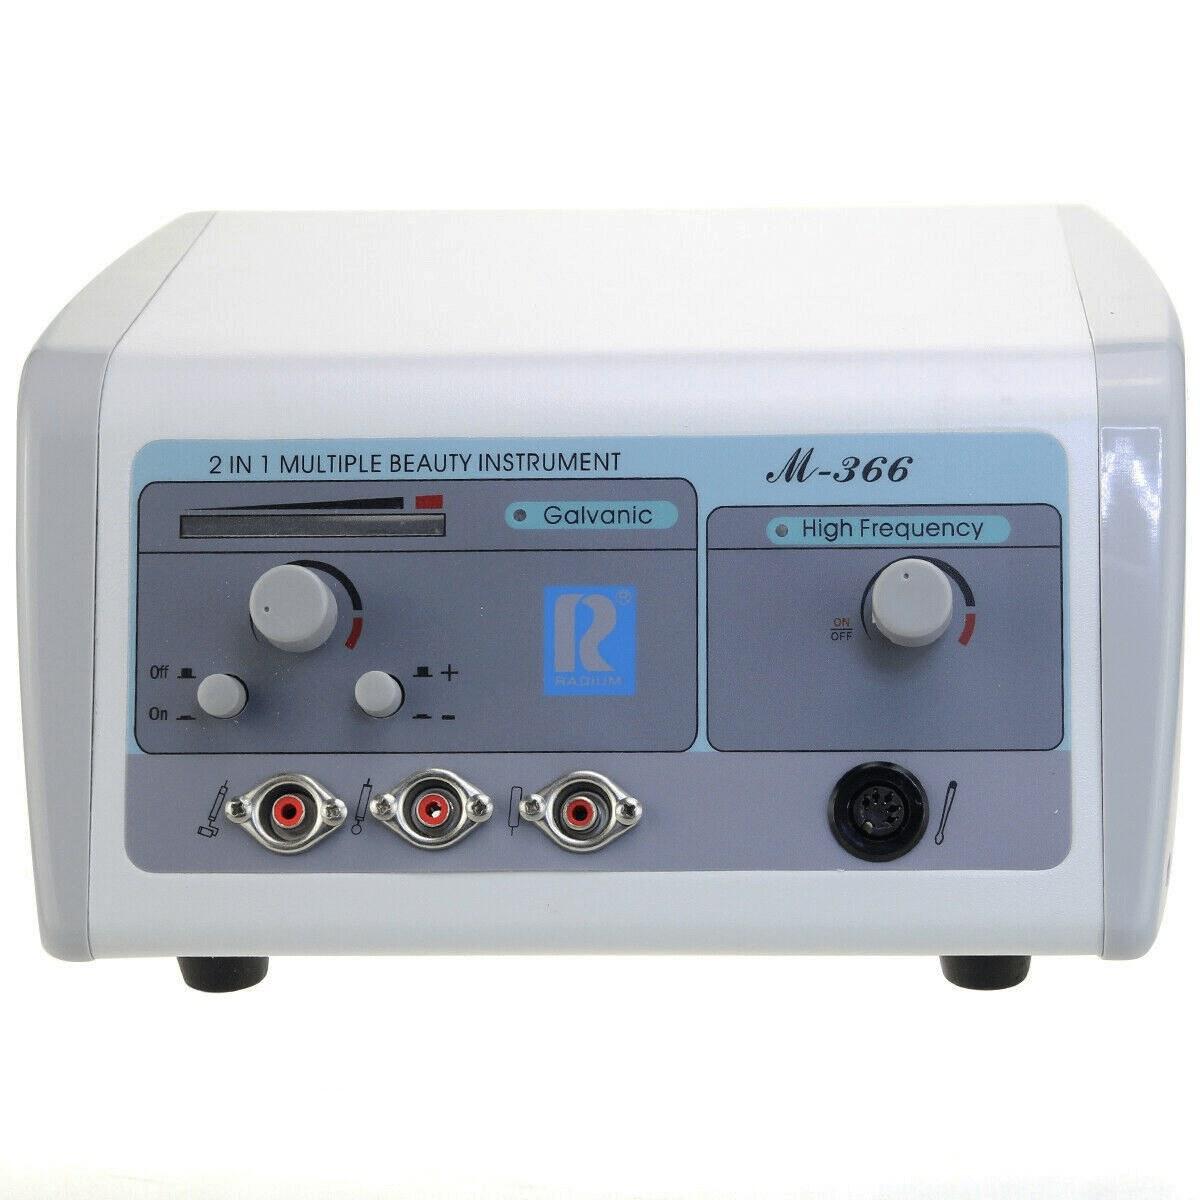 تصویر دستگاه هیدرودرمی (هایفرکانسی) و گالوانیک اورجینال با 1 سال گارانتی مدل  M-366